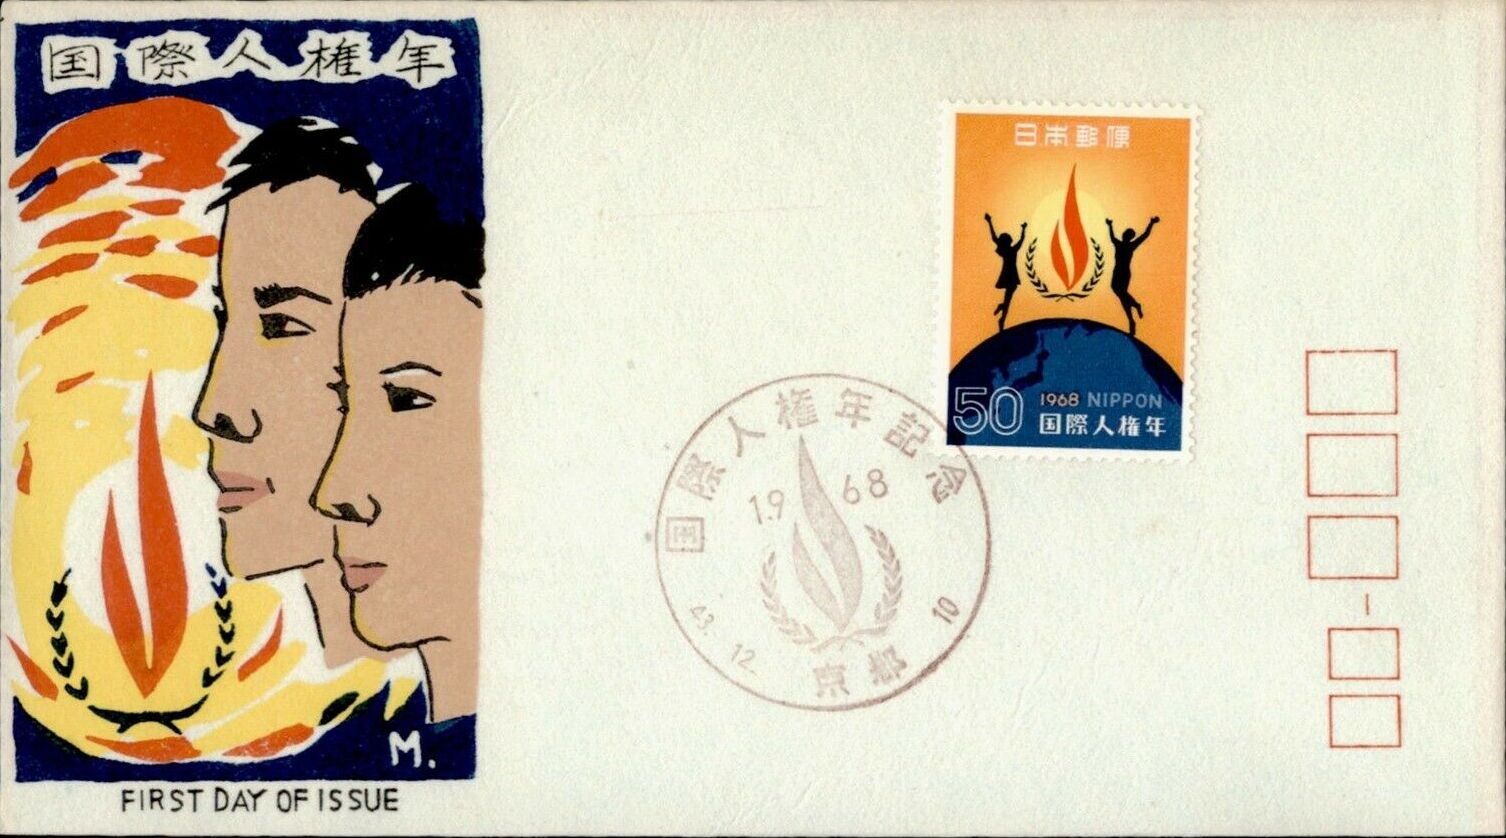 Japan 1968 Human Rights Week